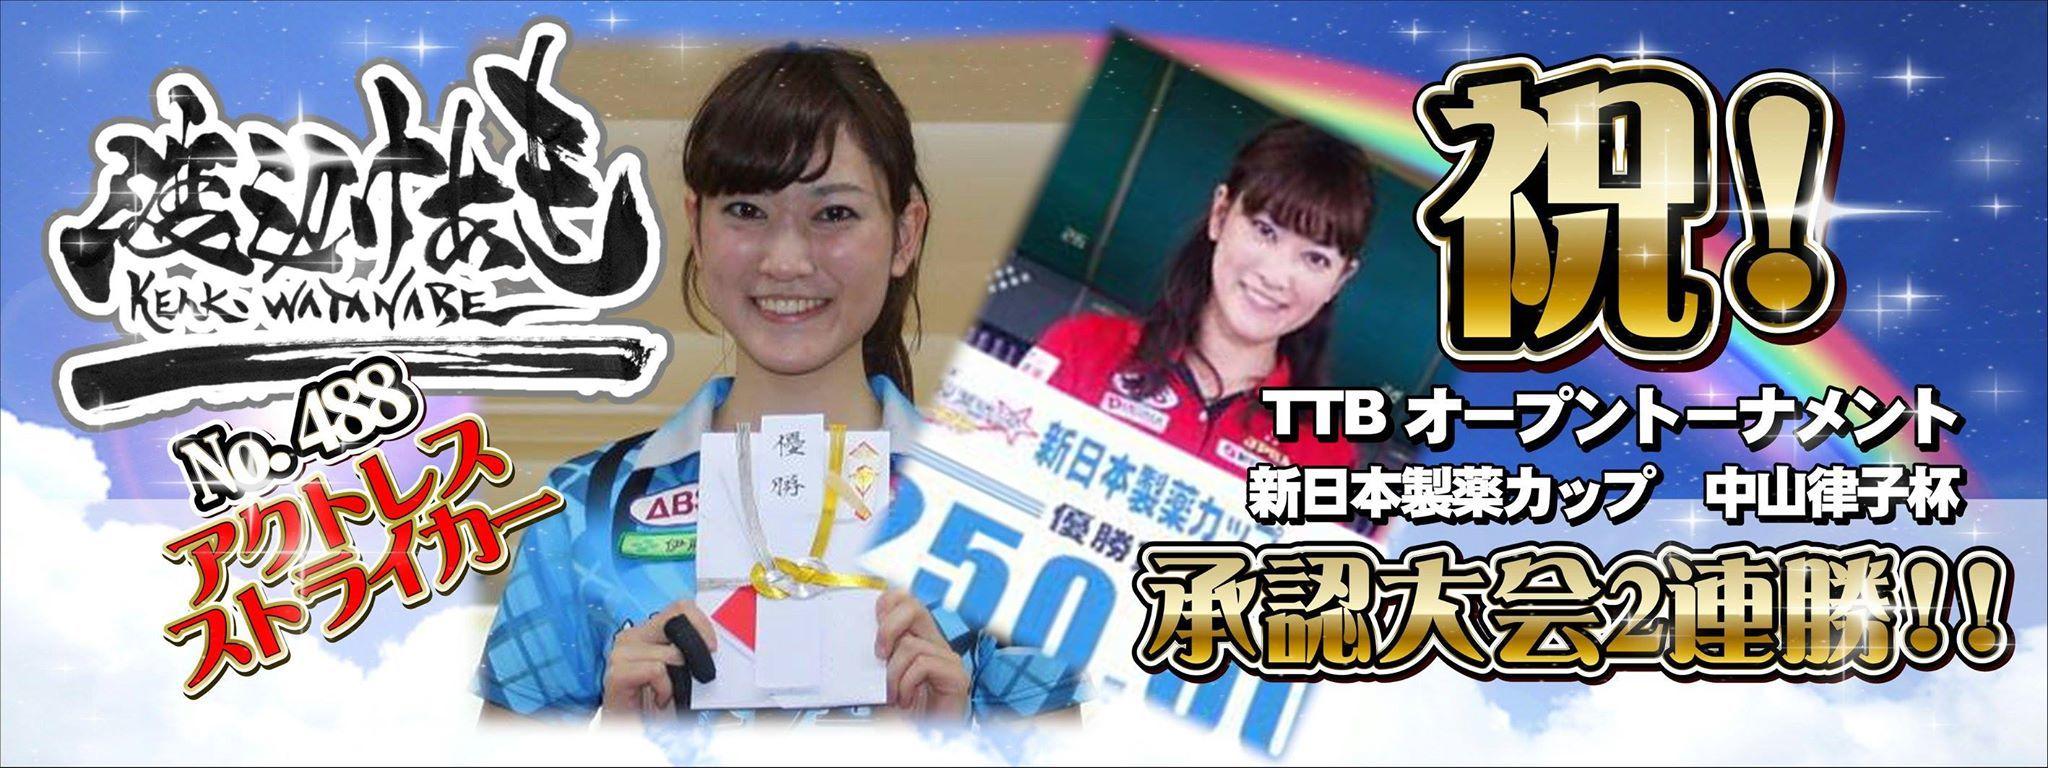 新日本製薬カップ中山律子杯優勝しましたー( ;∀;)_b0259538_21100878.jpg